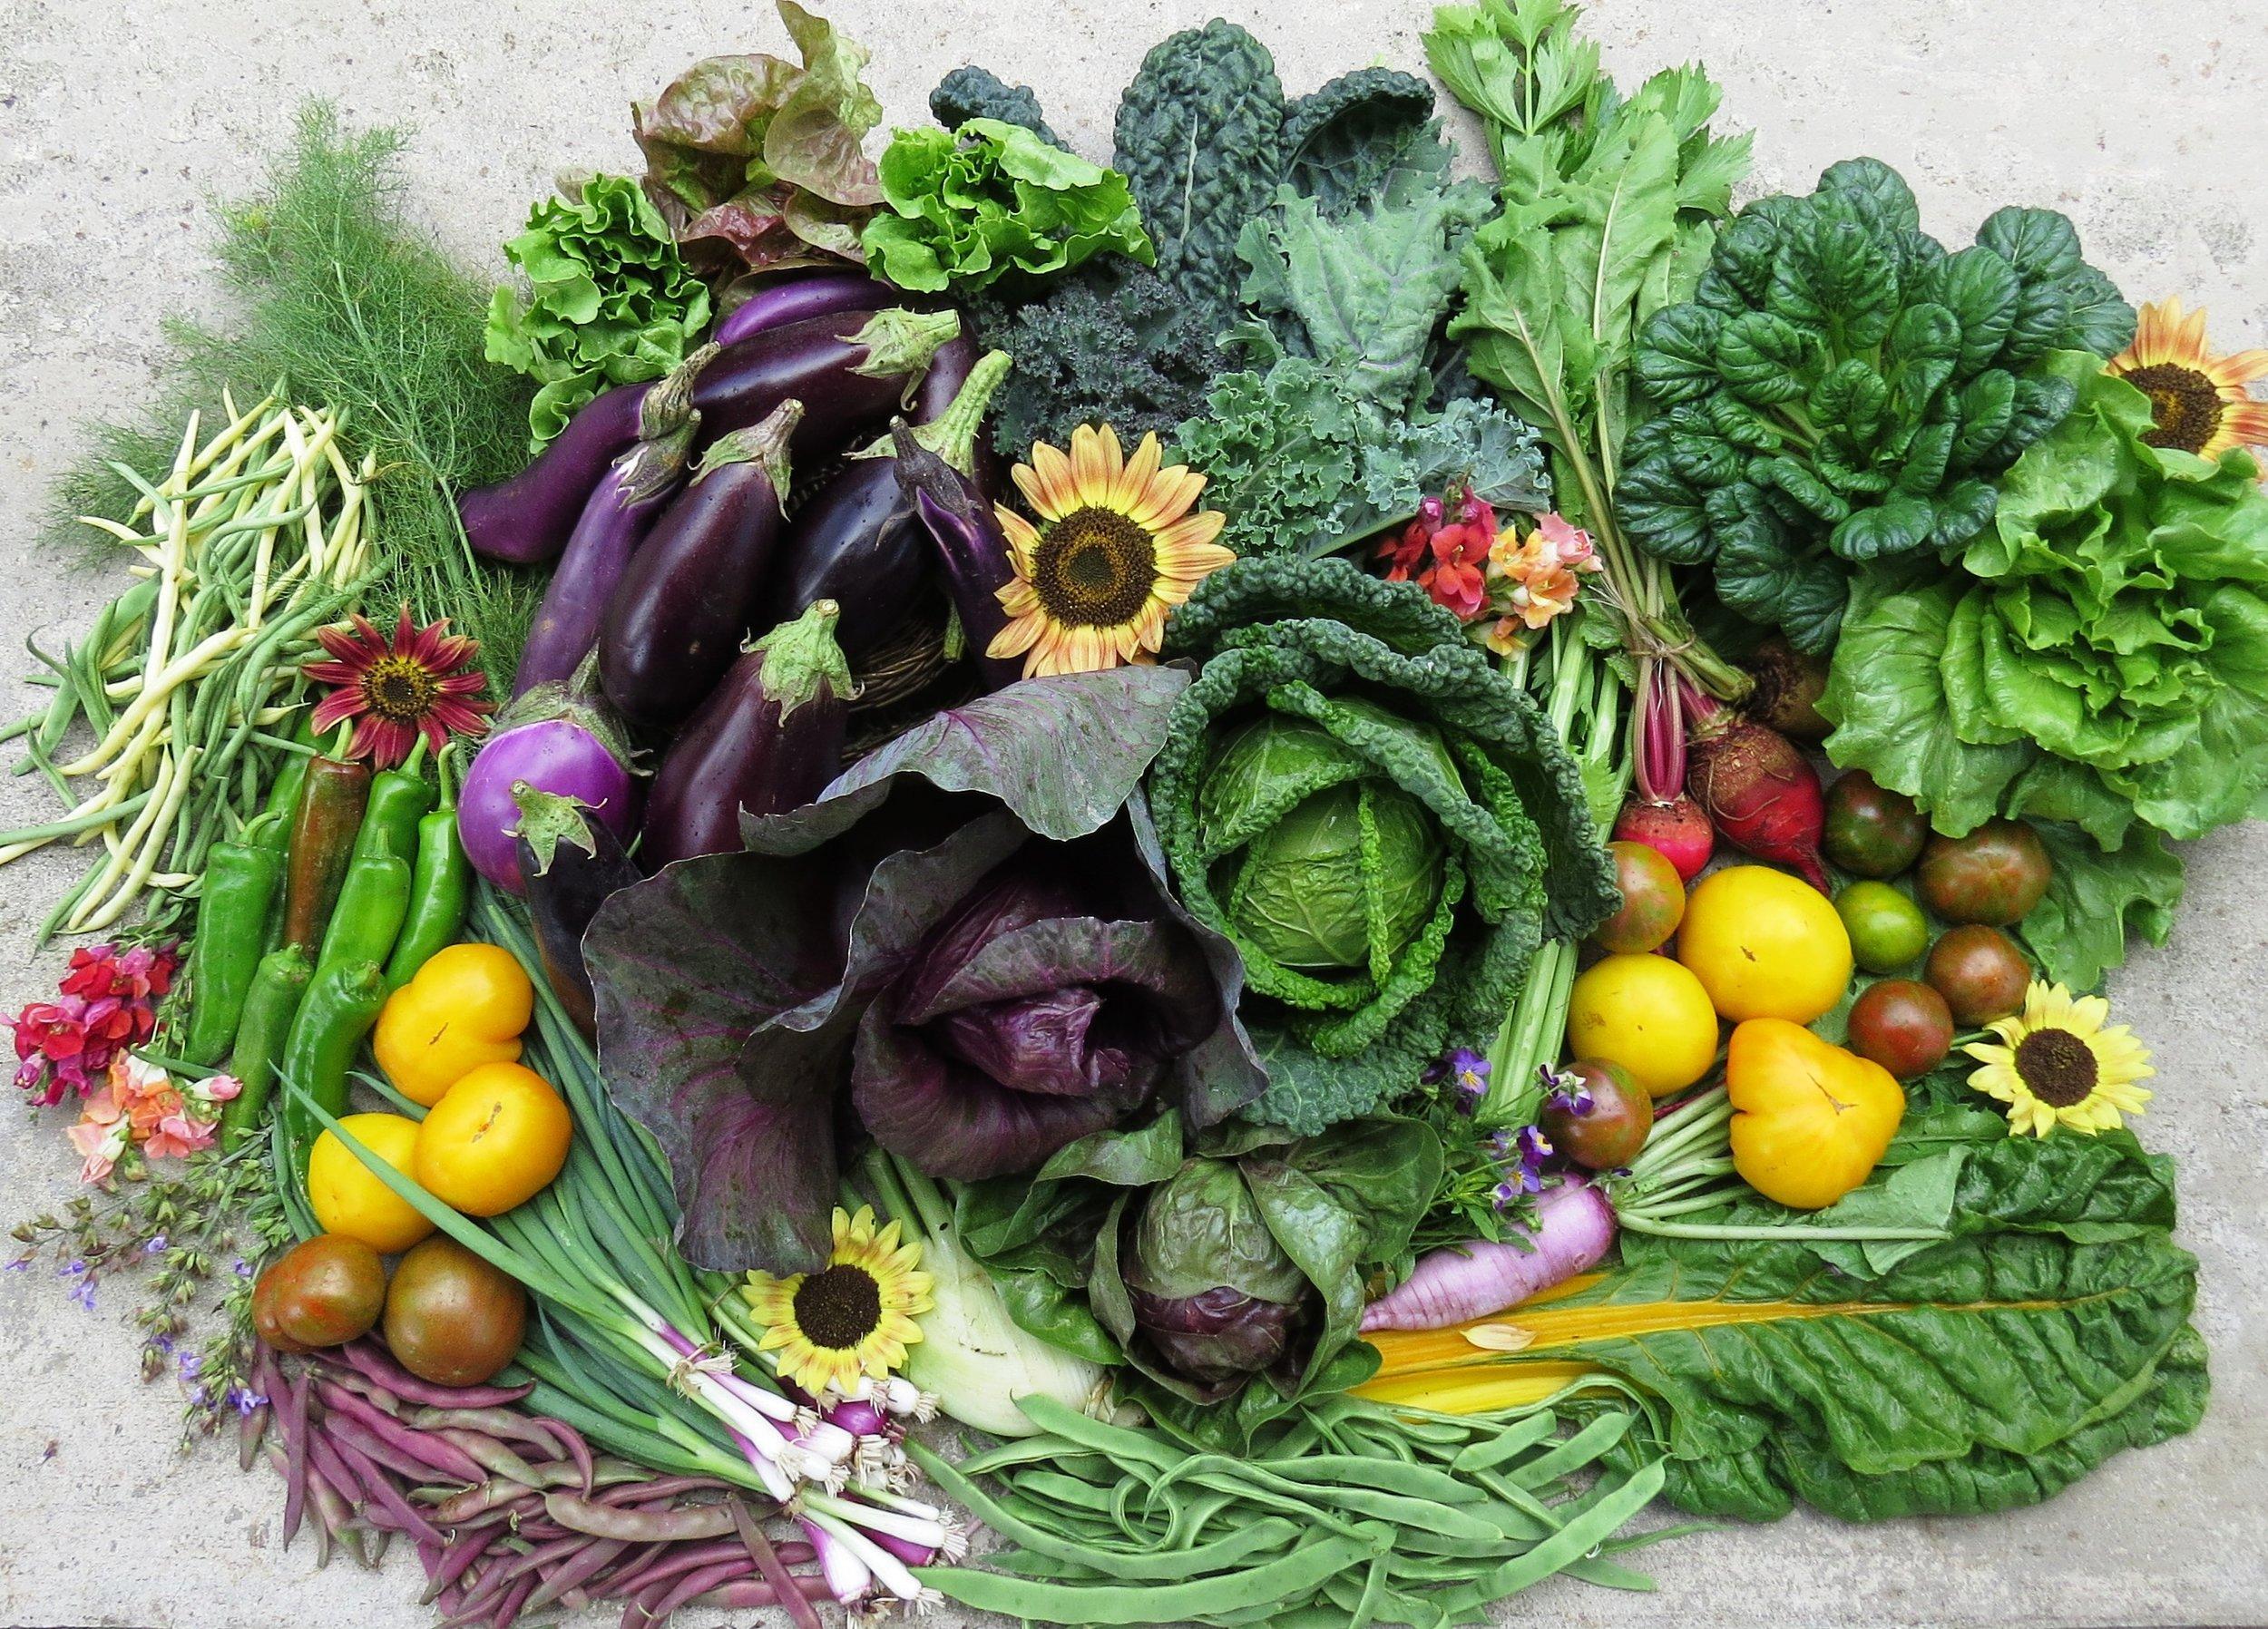 Certified Organic Produce - Here is some description text. Ut lacus vitae velit pulvinar fermentum. Praesent in nisl felis. Nunc commodo tellus risus, non commodo risus imperdiet.Learn more ➝